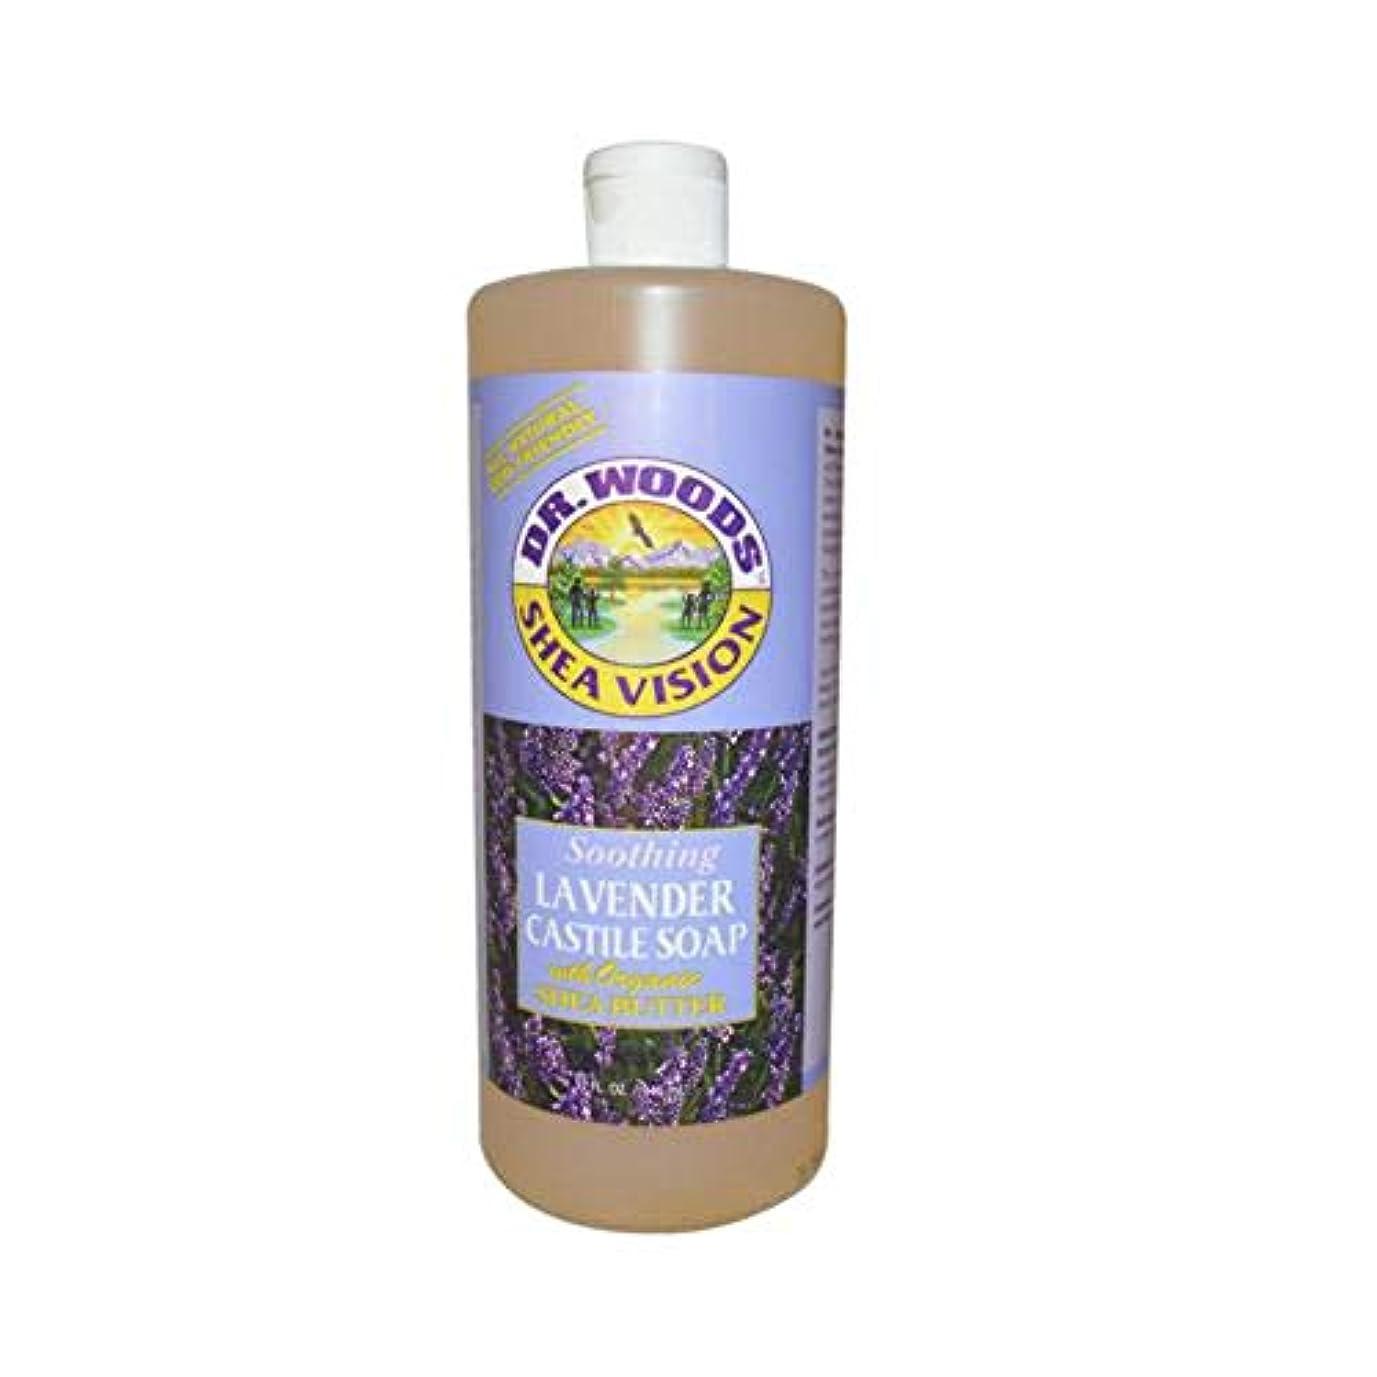 平方しょっぱい壮大Dr. Woods, Shea Vision, Soothing Lavender Castile Soap, 32 fl oz (946 ml)